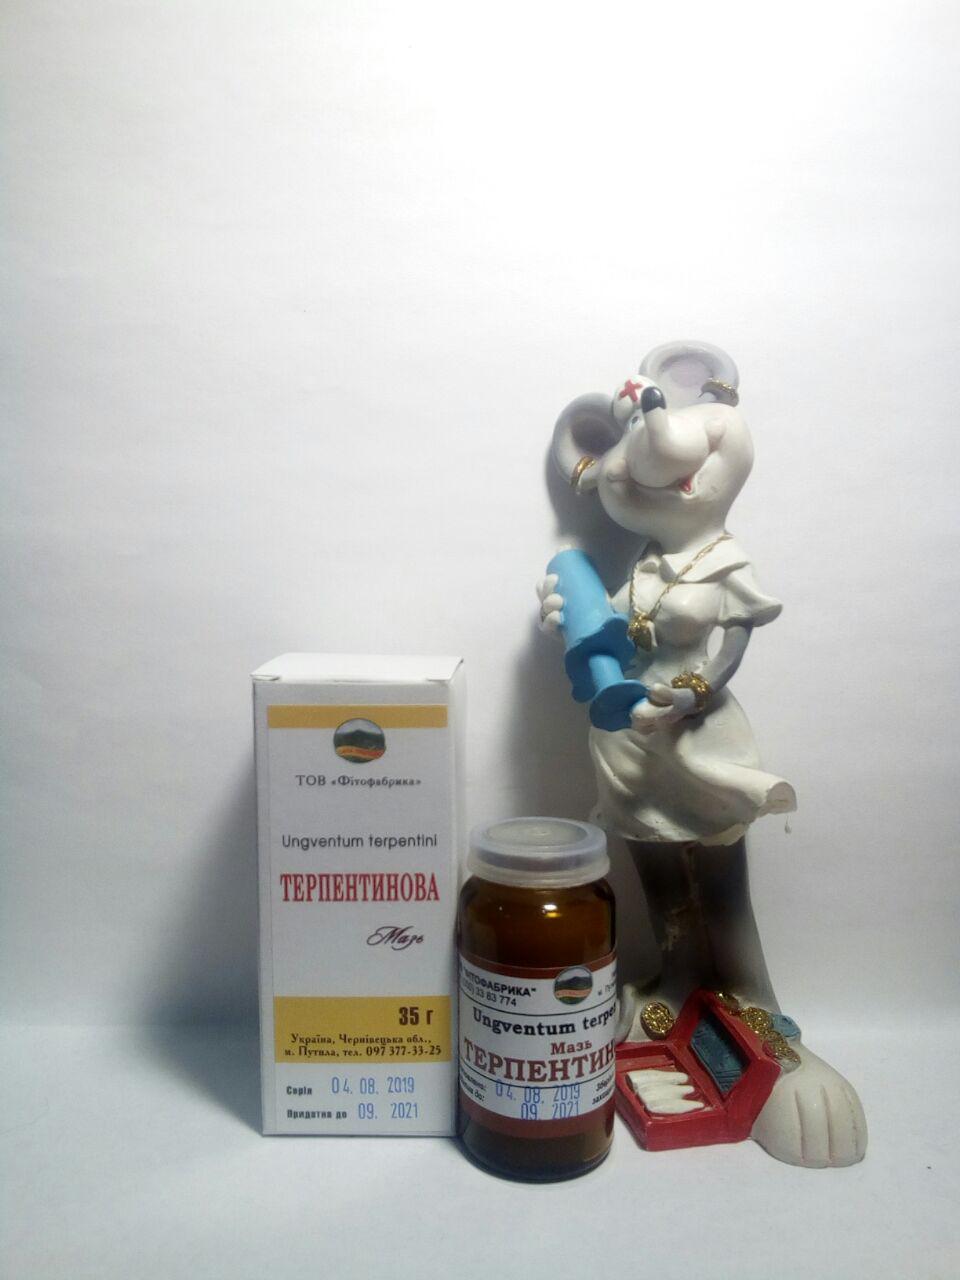 мазь терпентиновая (живица) для применения при ожогах, ранах, экземах, как ранозаживляющее средство